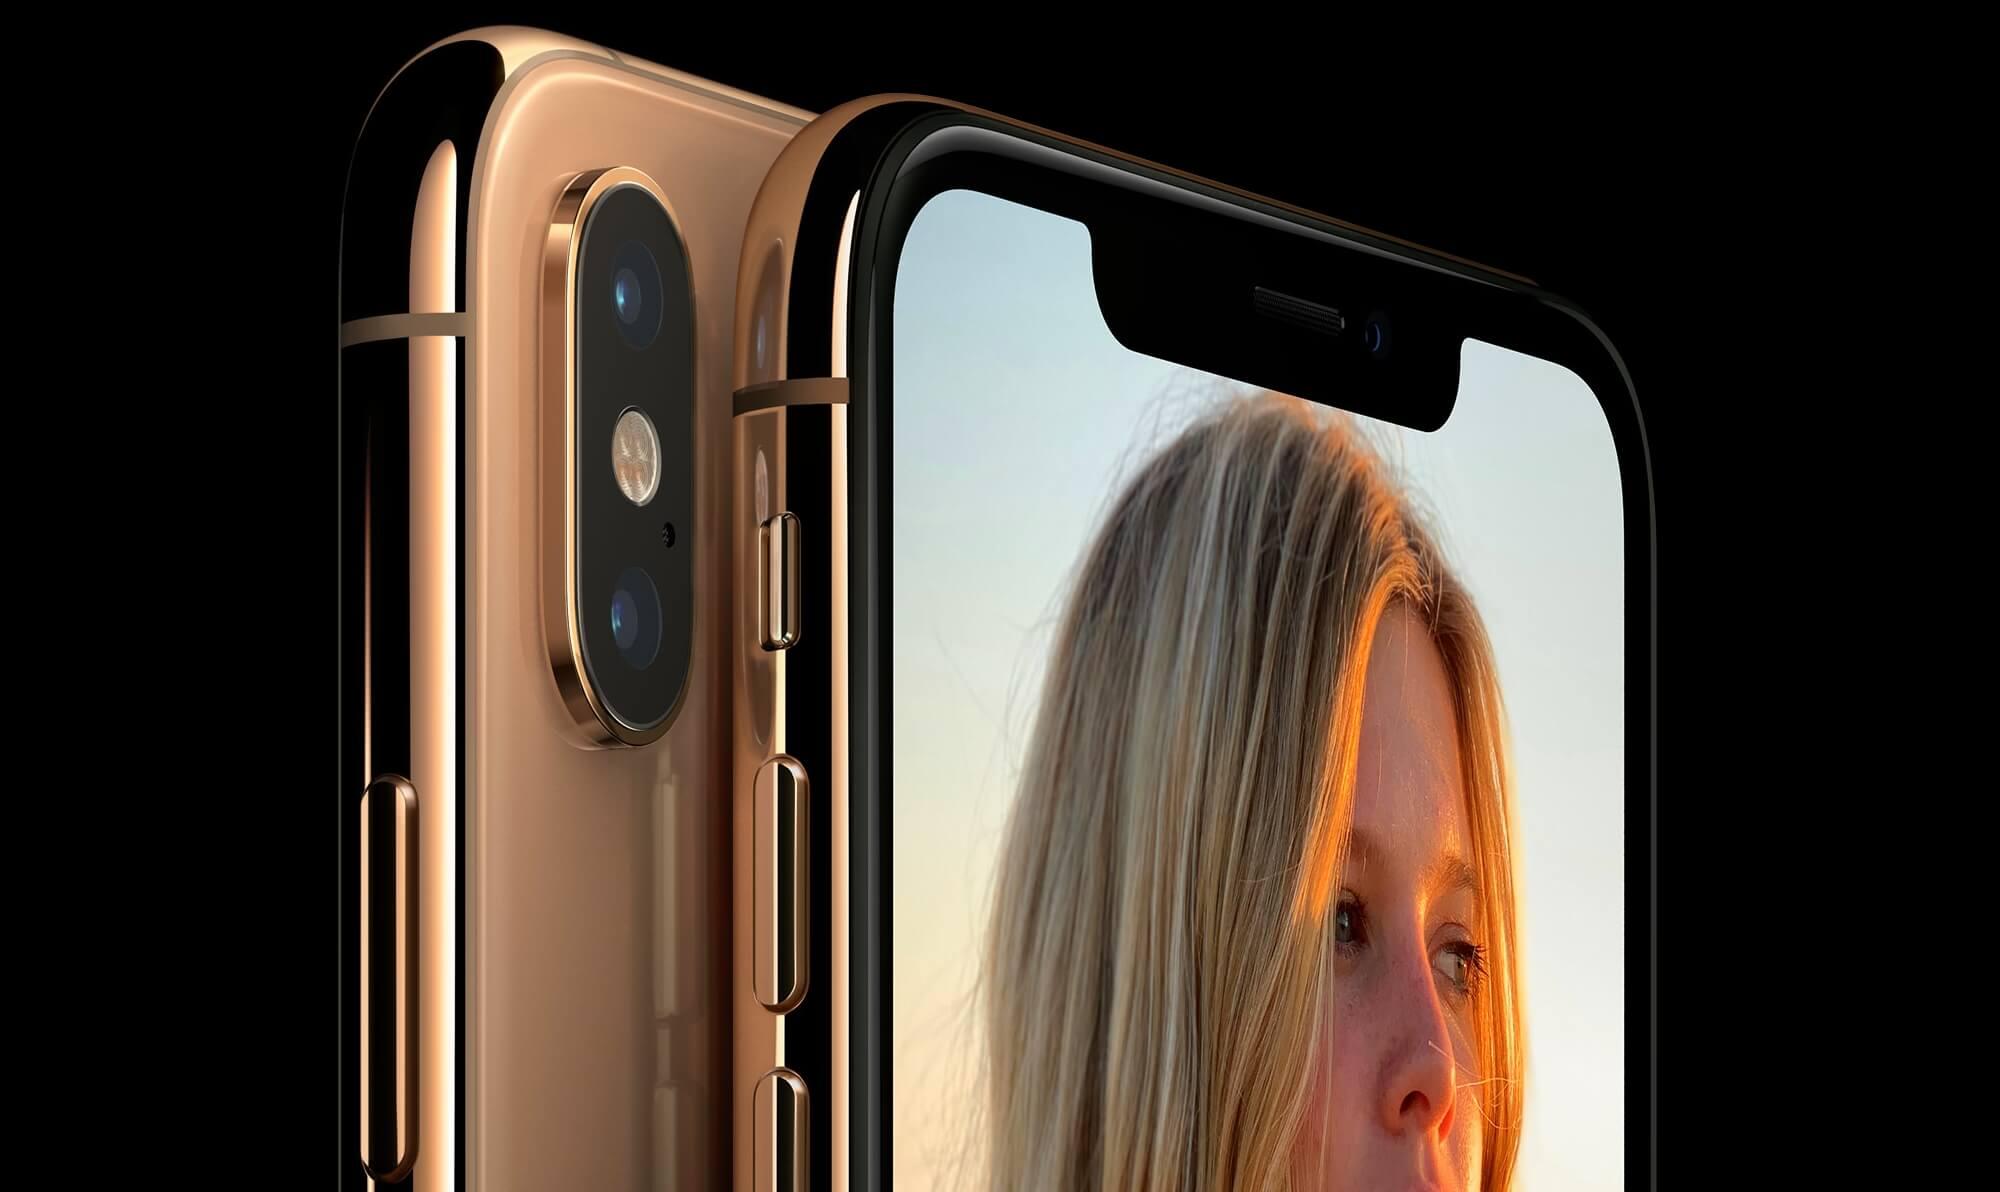 Верхний динамик iPhone XS и XS Max самопроизвольно отключается - фото 106 | Сервисный центр Total Apple